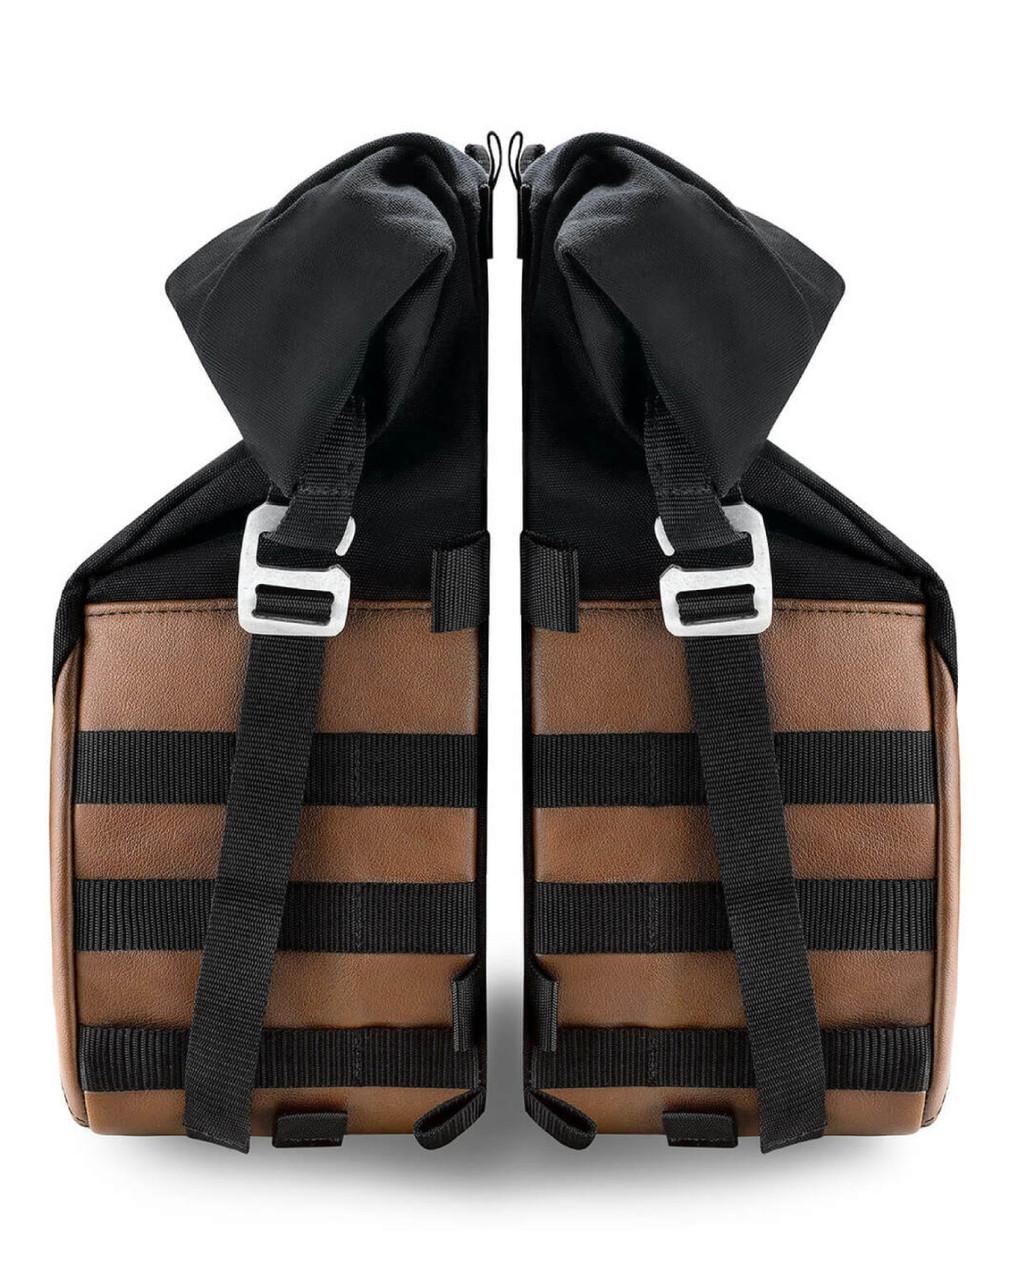 Viking Bonafide Large Brown Motorcycle Cafe Racer Saddlebags Both Bags View